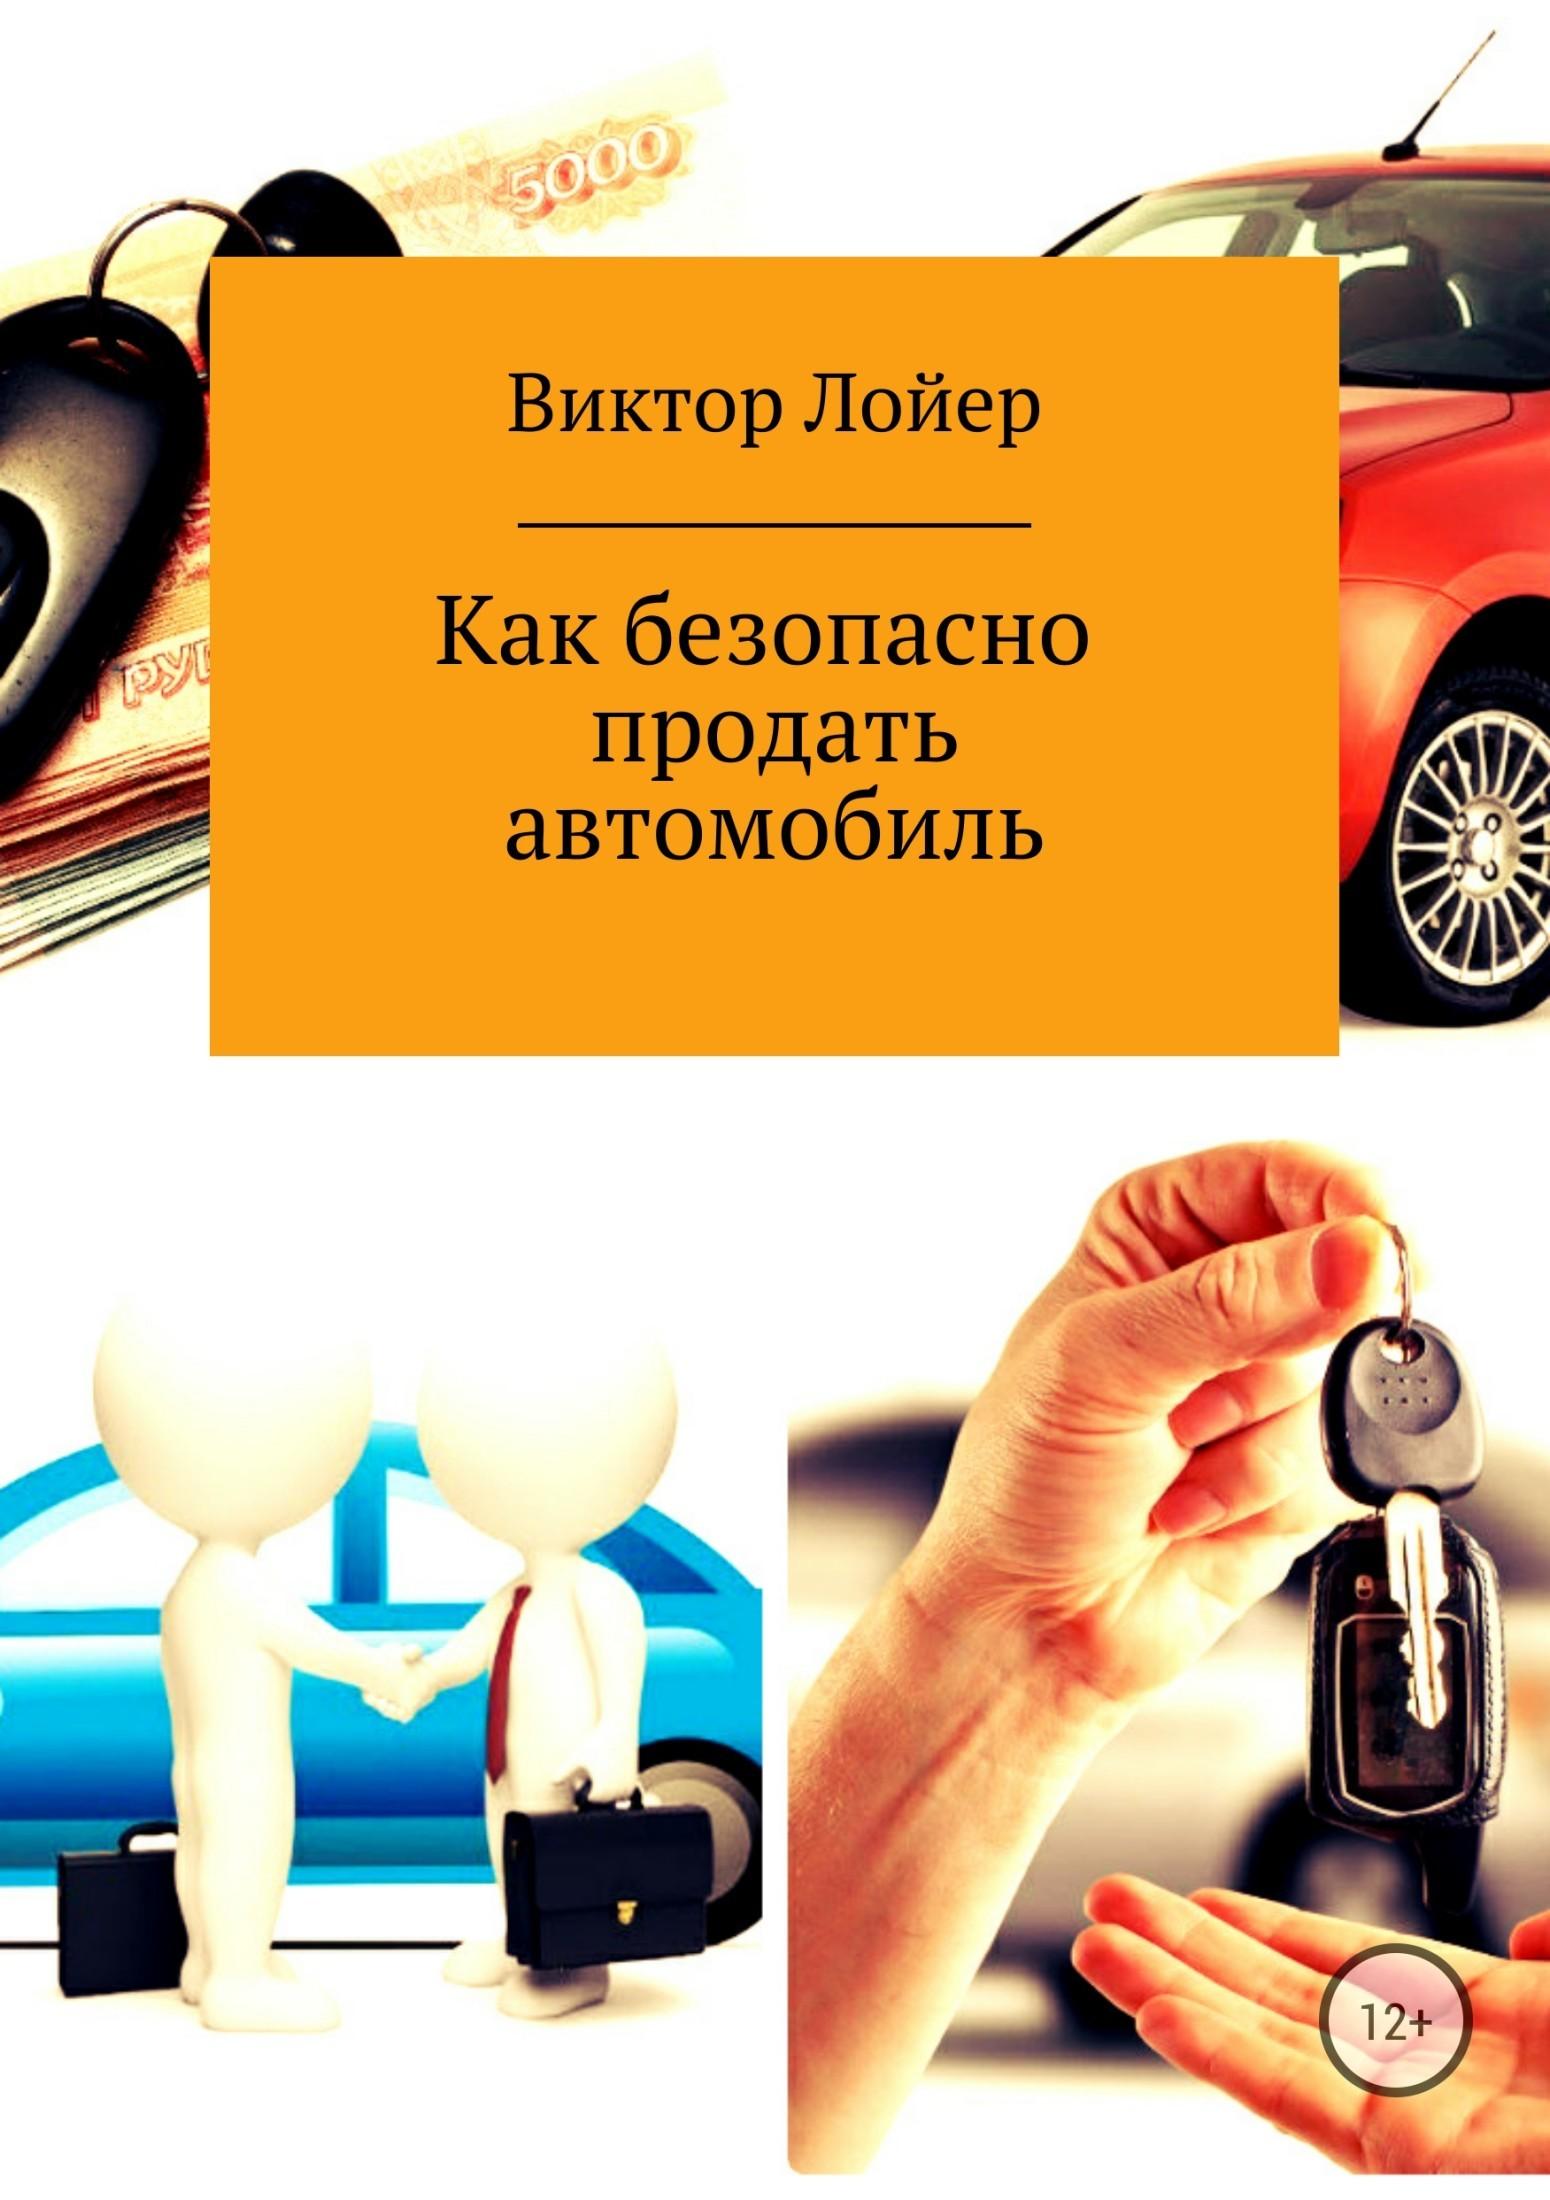 фото обложки издания Как безопасно продать автомобиль